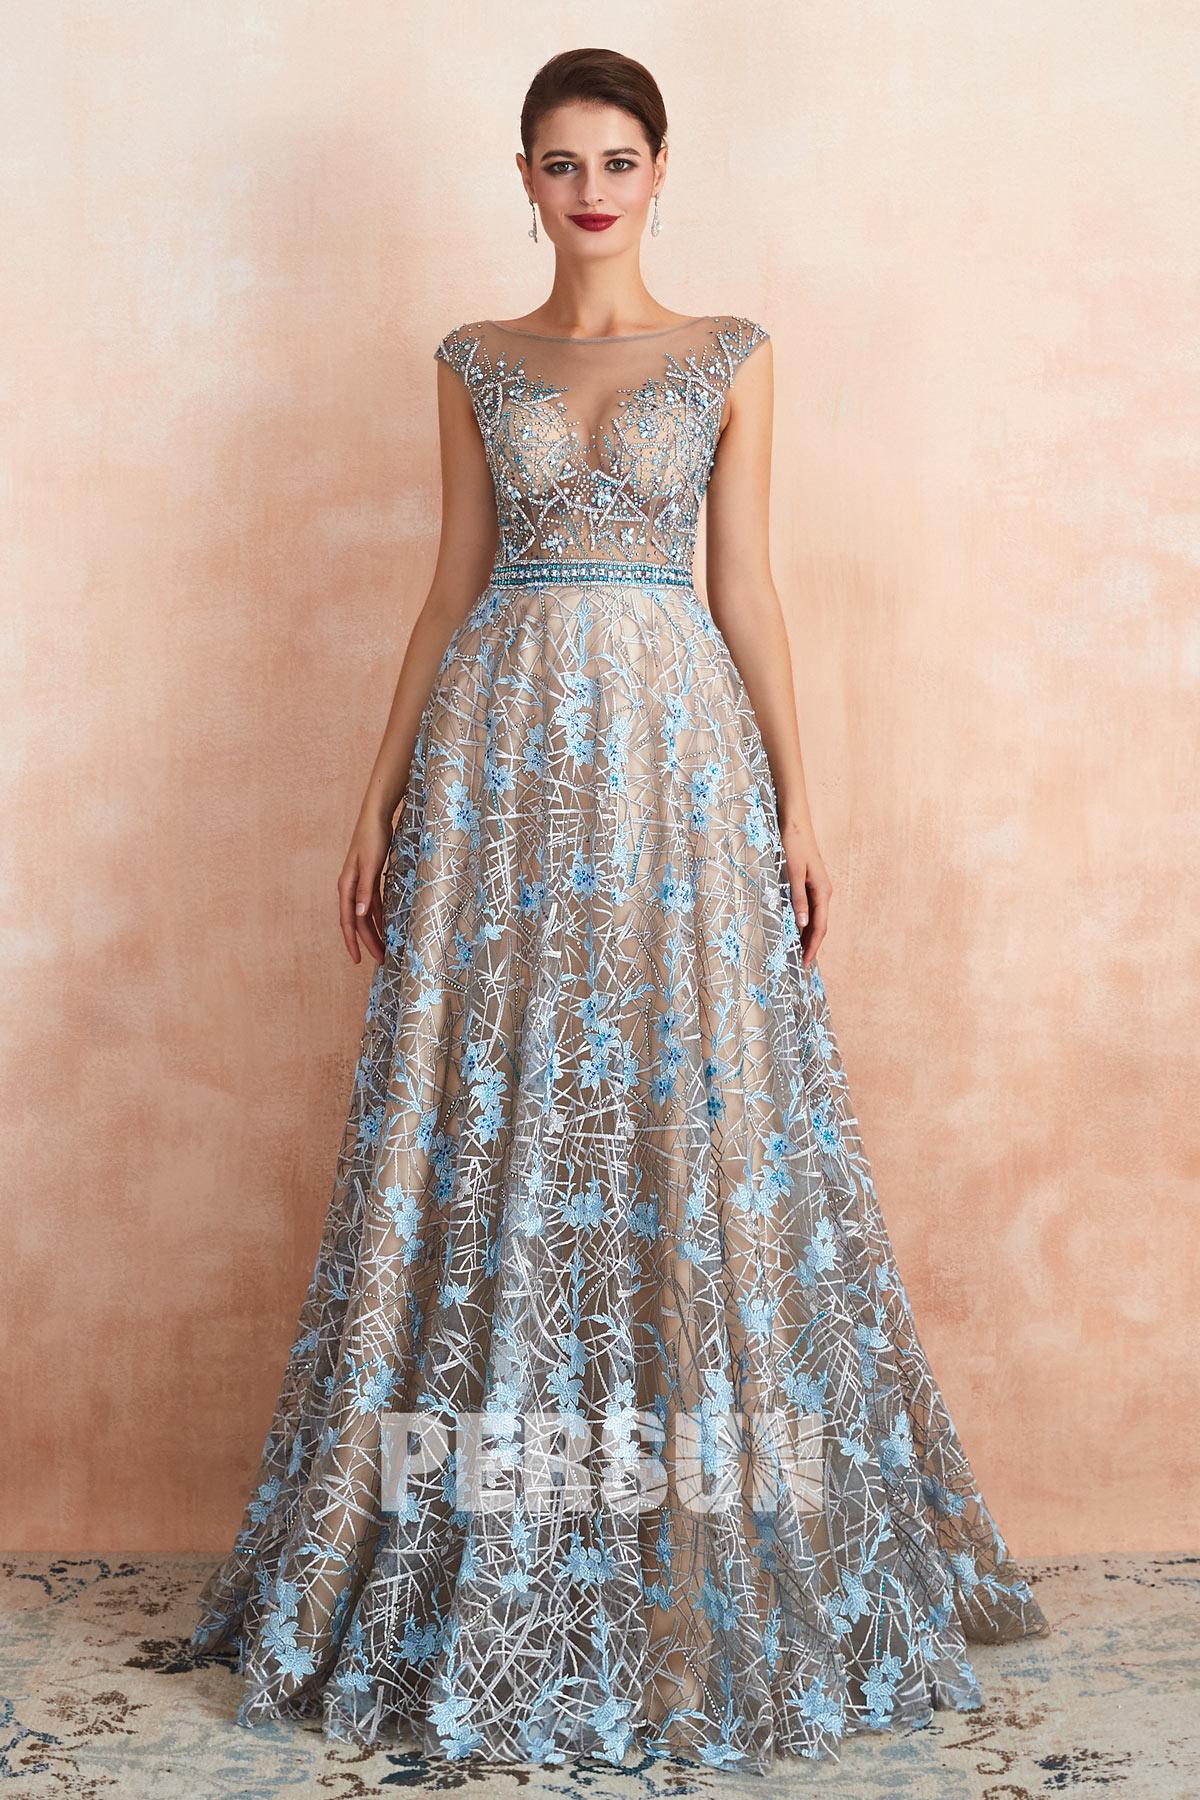 robe de cérémonie sexy haut transparent embelli de bijoux et jupe ornée de dentelle florale